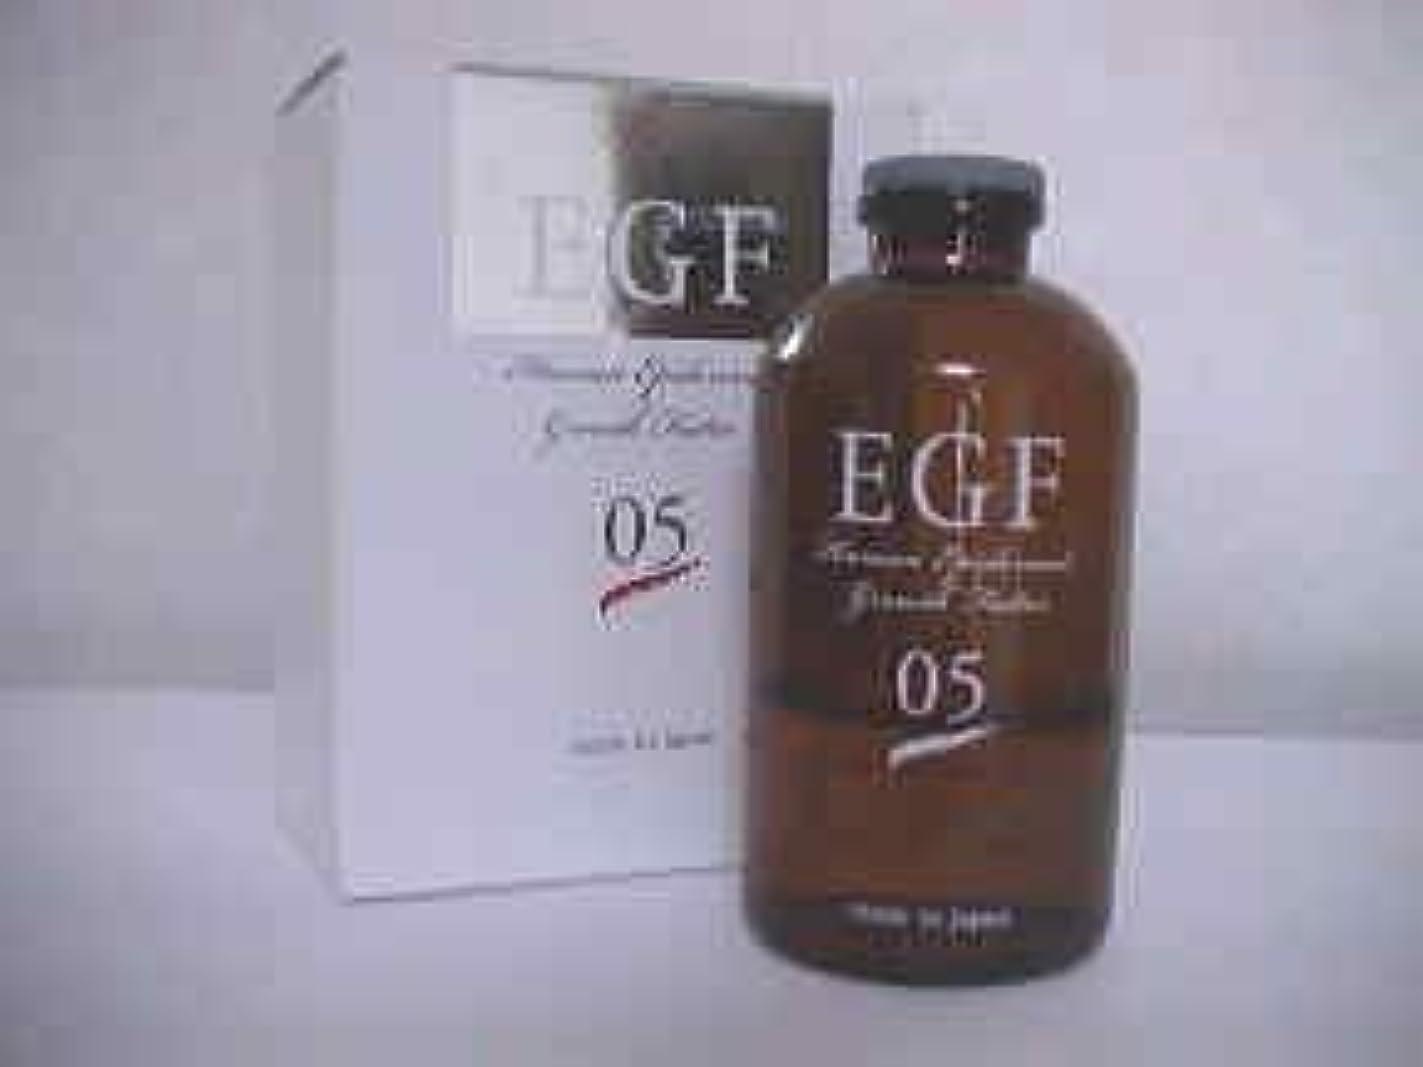 ステレオタイプメリー避けられないEGFセロム05 60ml 2個セット ※話題の整肌成分「EGF」(ヒトオリゴペプチド-1)たっぷり配合!ハリ?うるおいを蘇らせる美容液誕生!